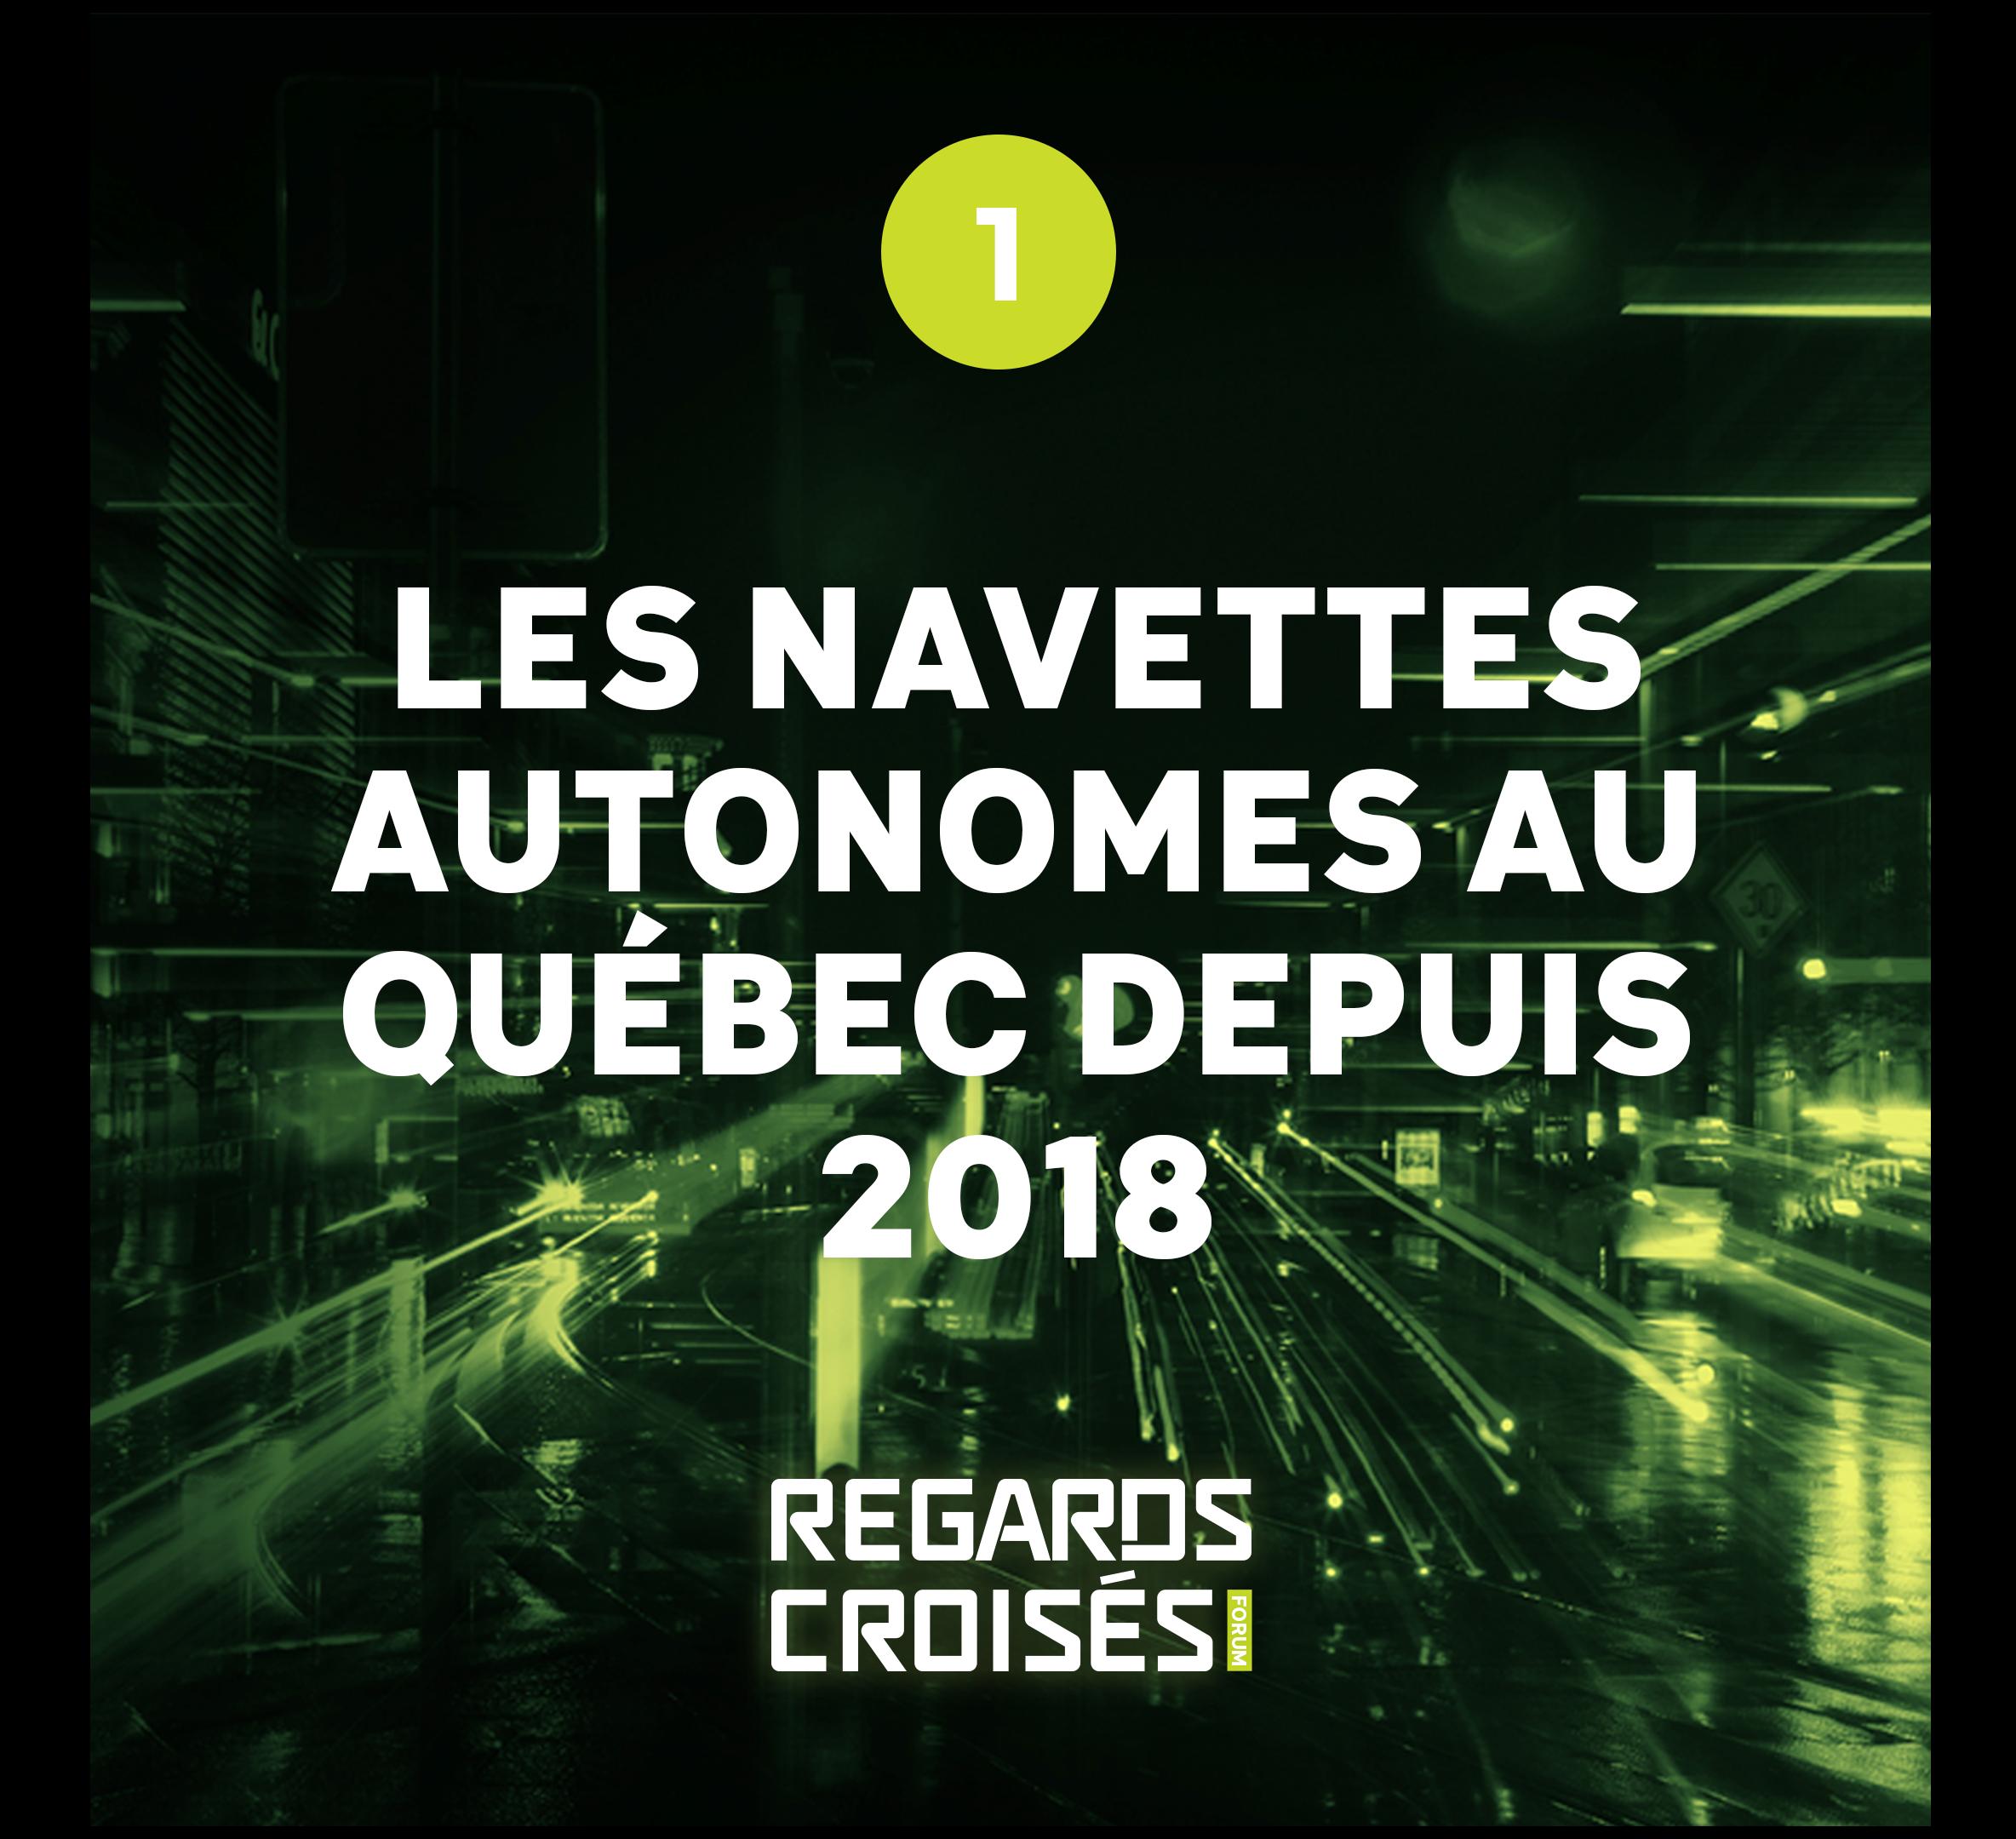 Les navettes autonomes au Québec depuis 2018